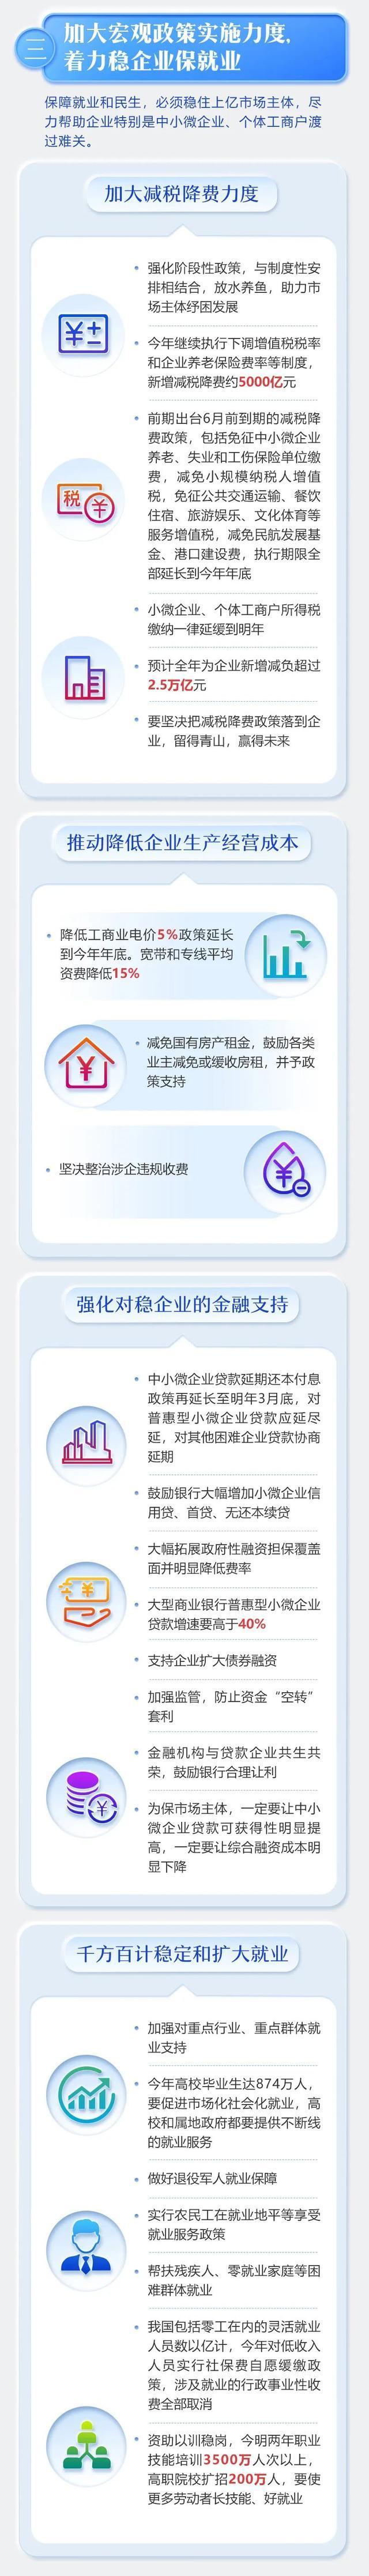 """政府部门工作总结报告三次谈及""""湖南长沙"""",执行好适用湖北省发展趋势一揽子现行政策 第10张"""